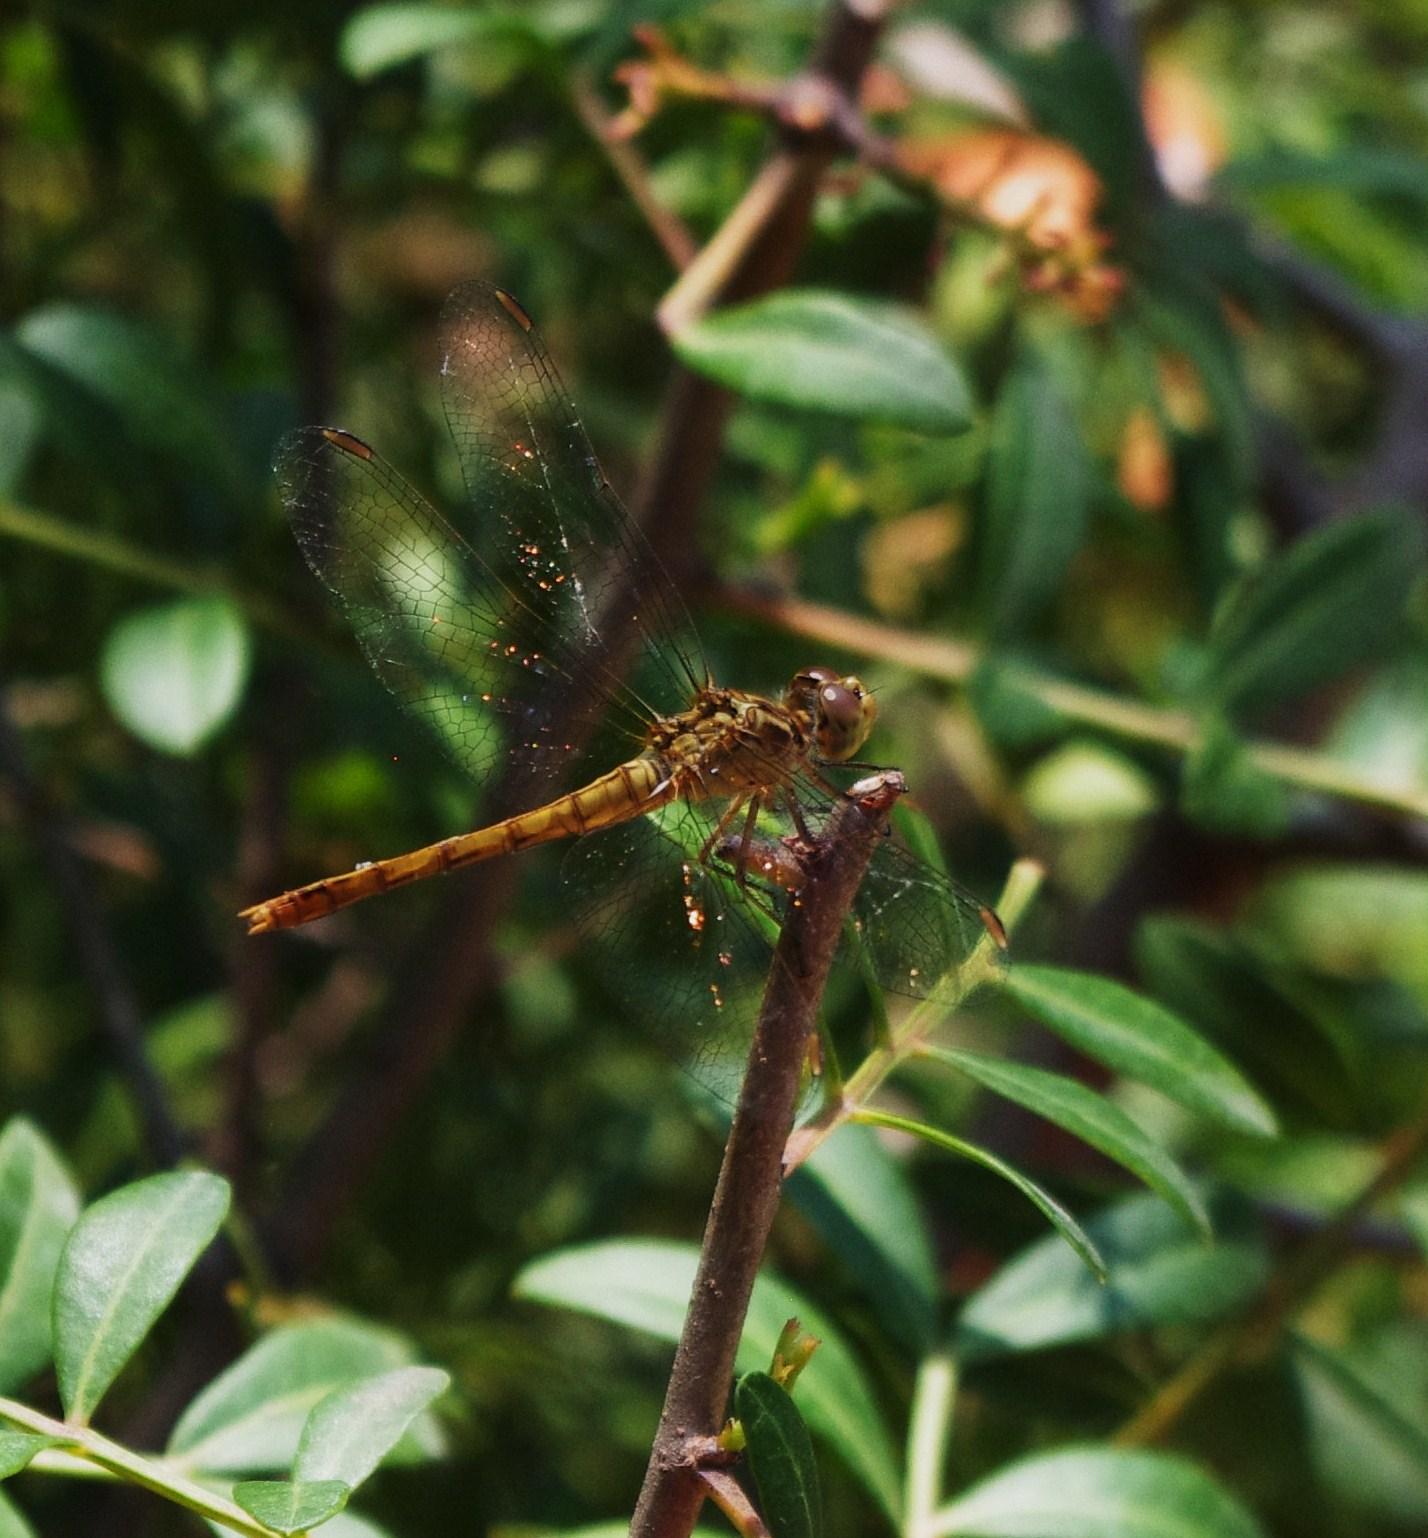 Le jardin des couronnes la faune du jardin olbius riquier for Jardin olbius riquier